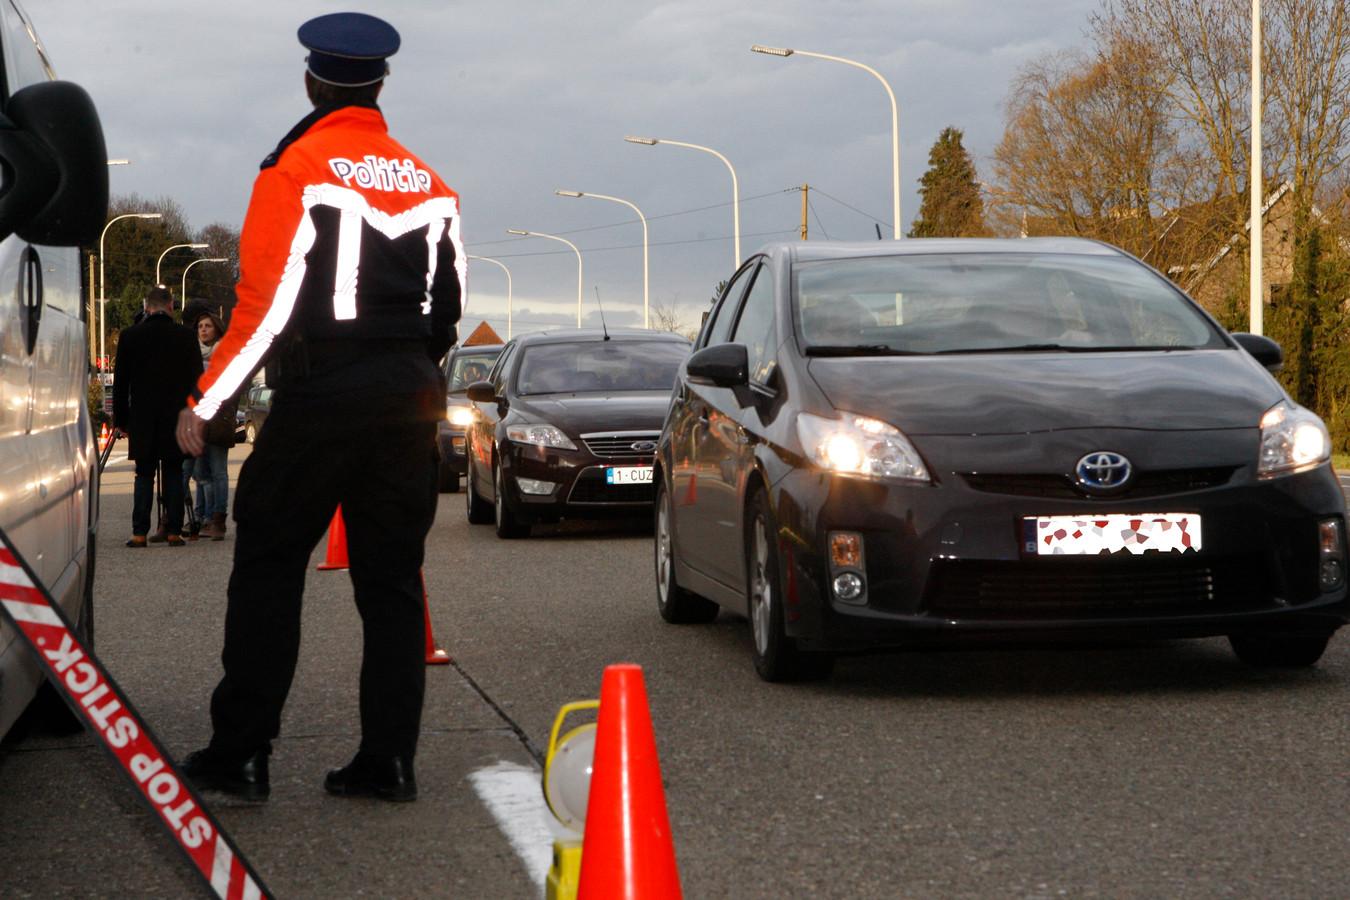 Bij de verkeersactie werd gefocust op gordeldracht en gsm-gebruik achter het stuur.